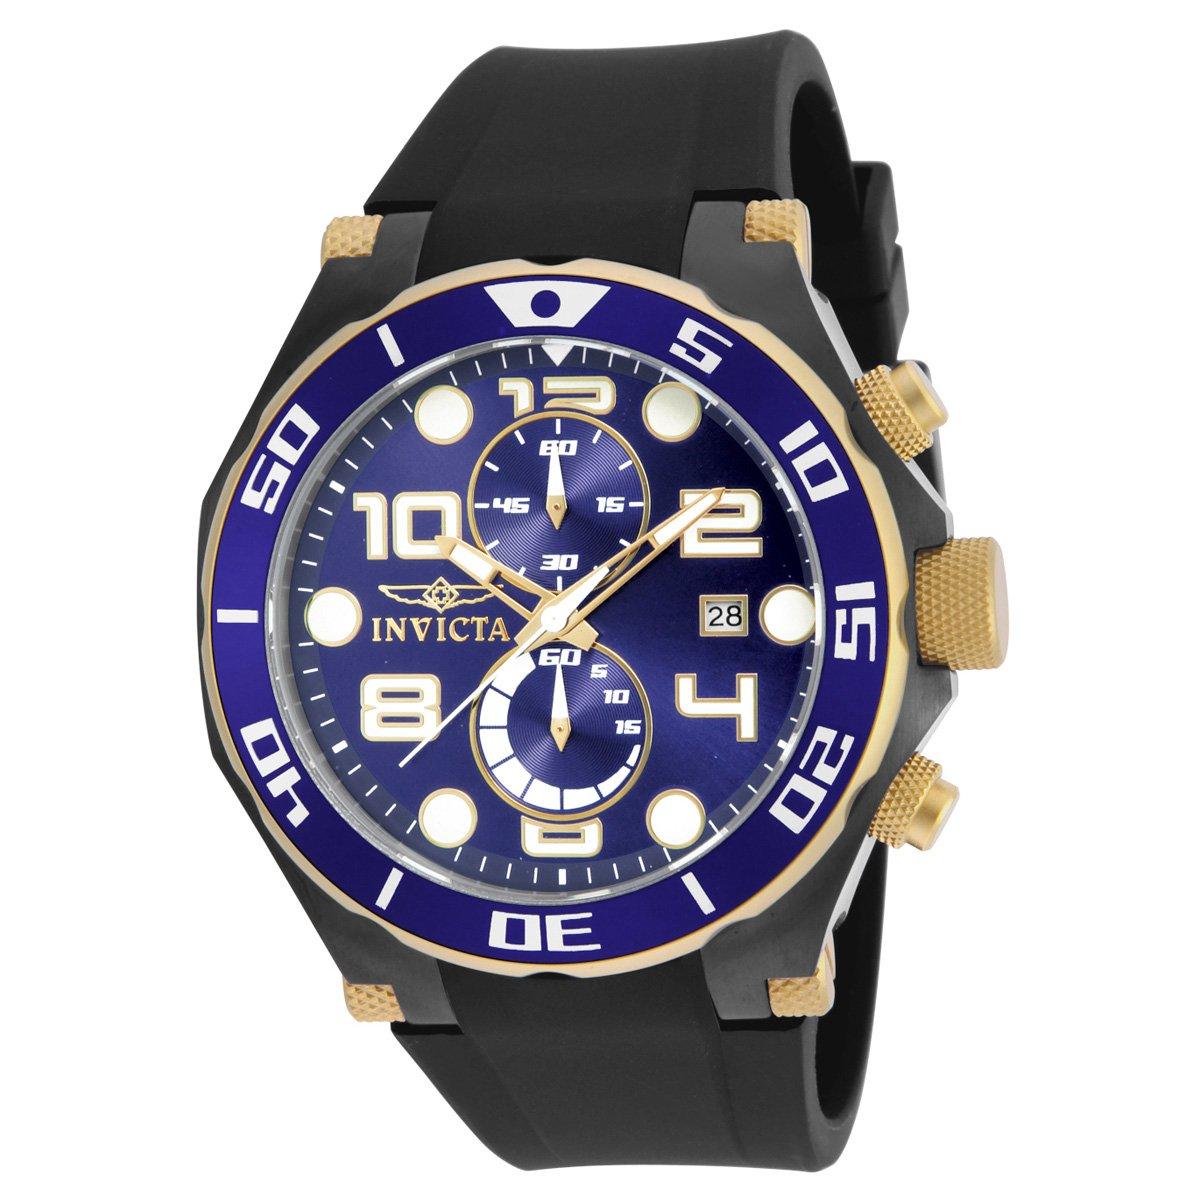 f0f72233206 Relógio Invicta Pro Diver-17814 - Compre Agora